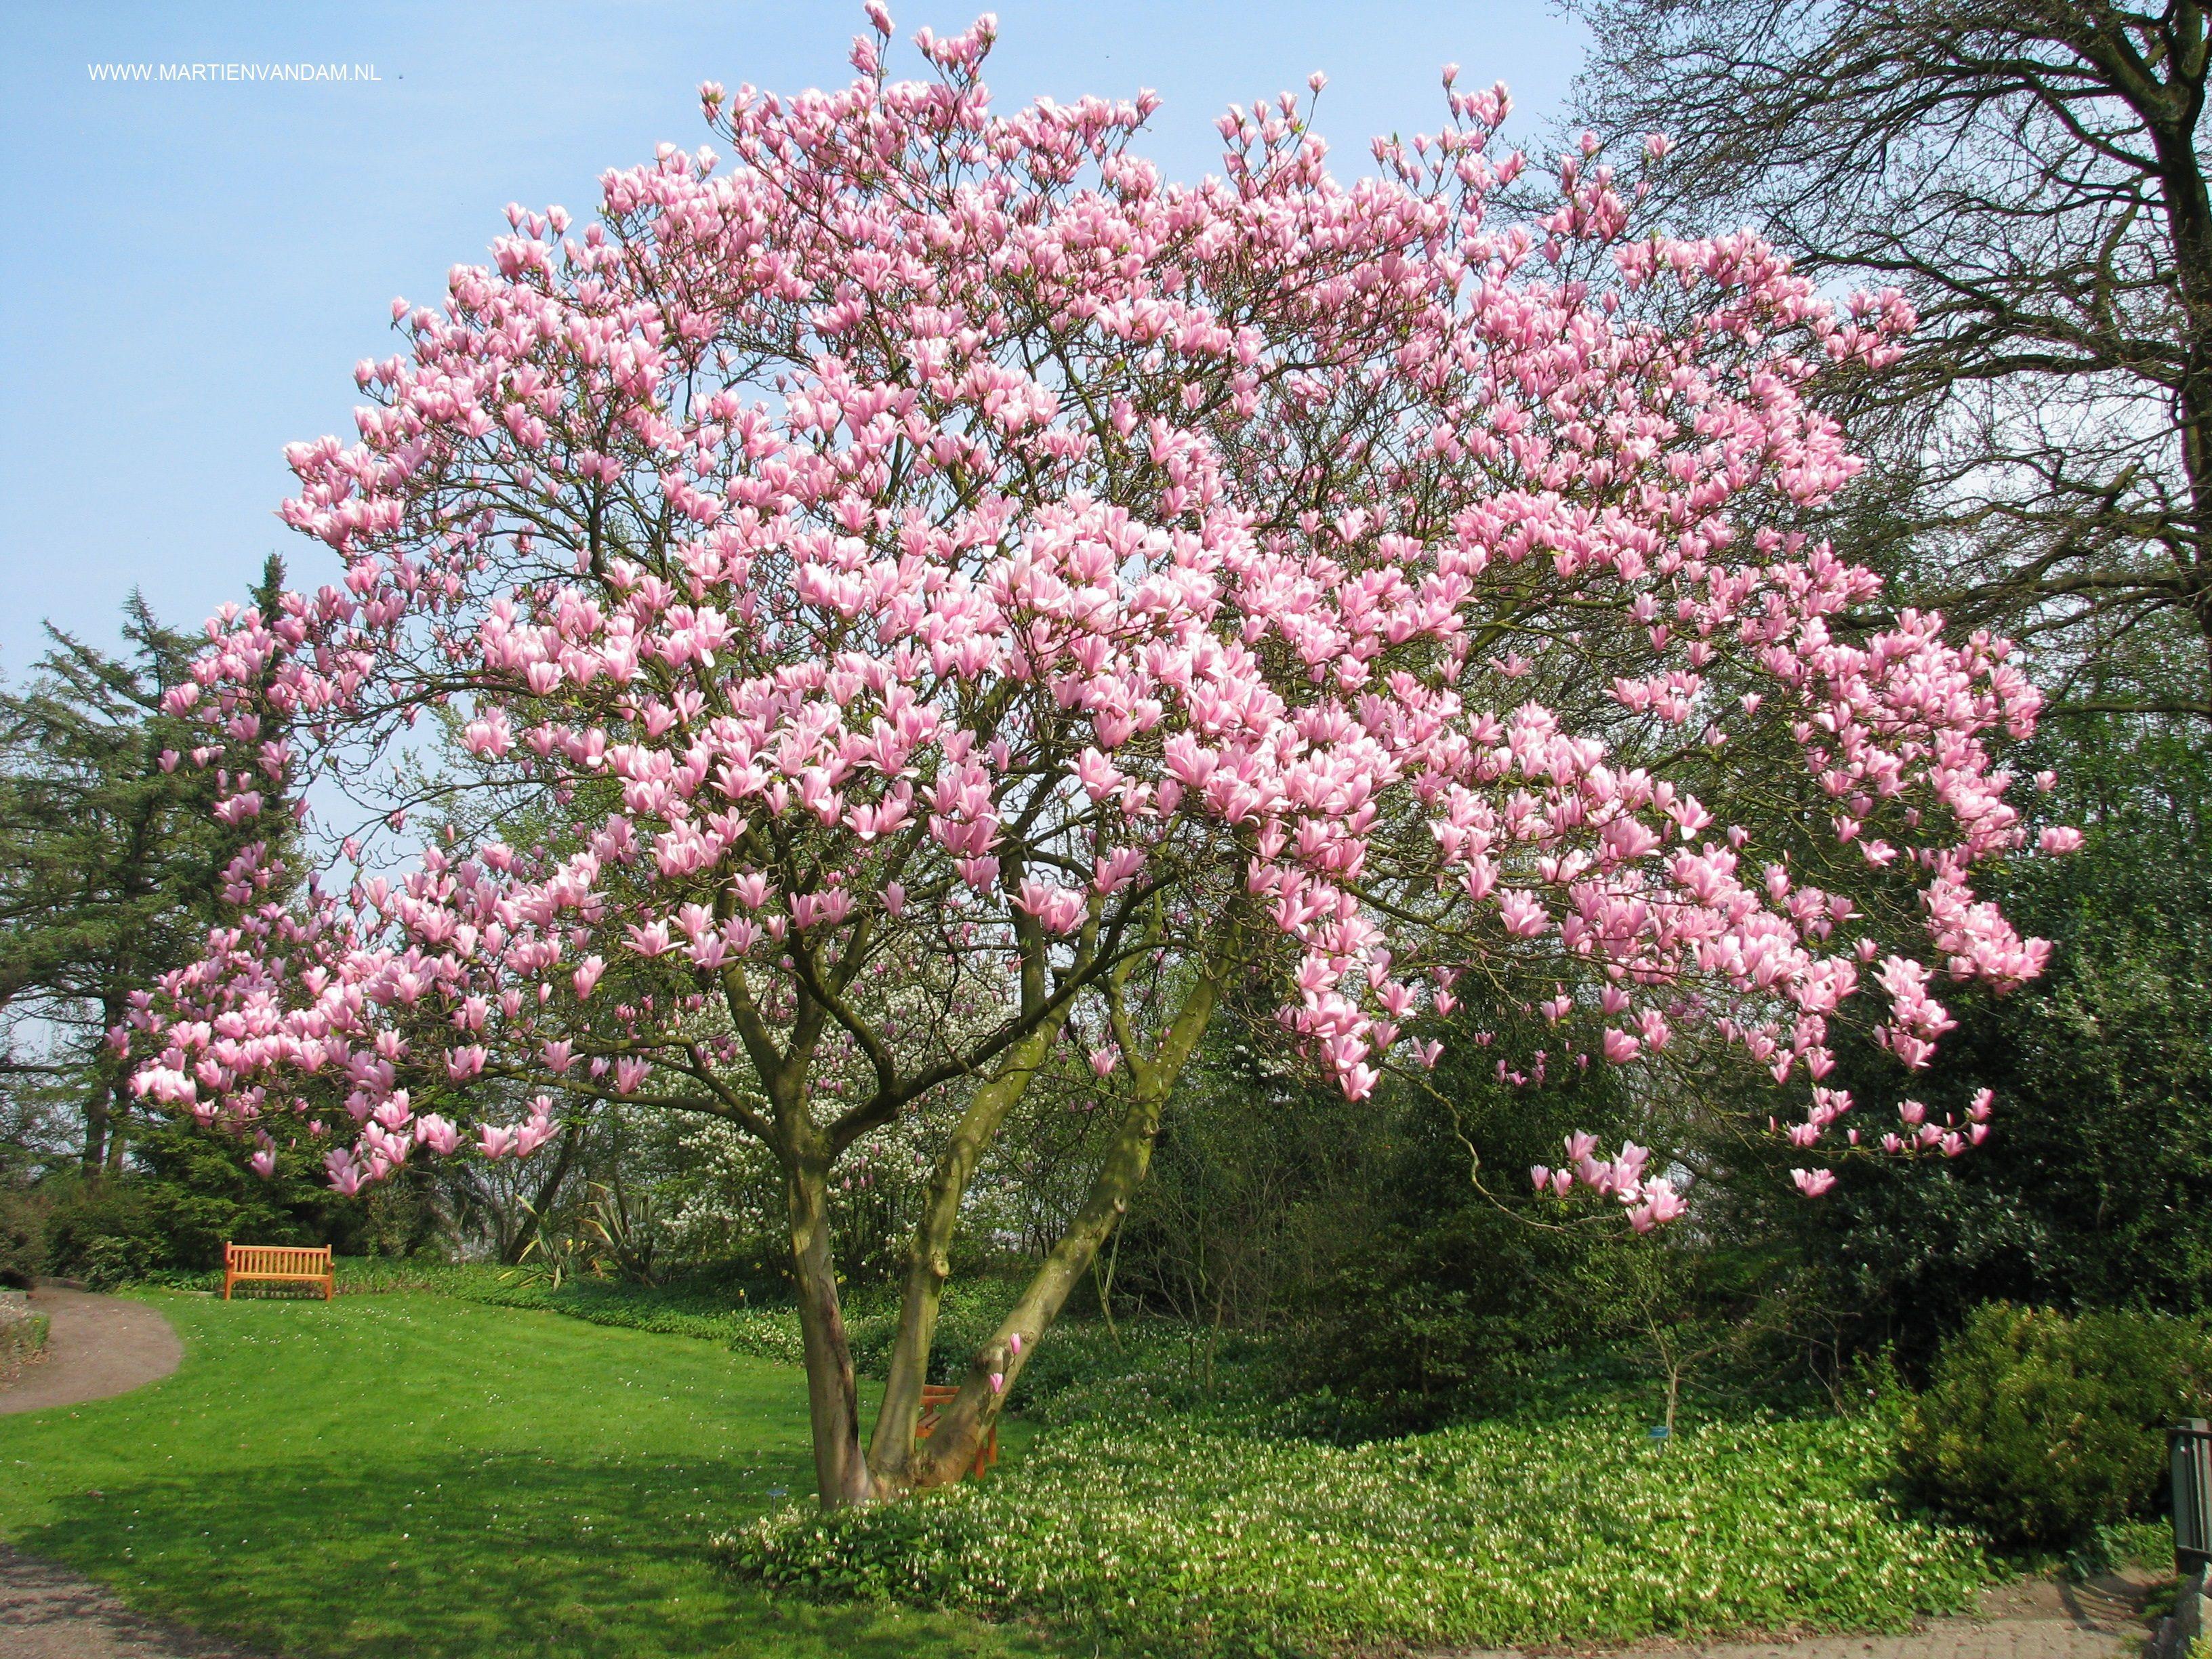 magnolia als meerstammige boom bloeit in april voor de. Black Bedroom Furniture Sets. Home Design Ideas